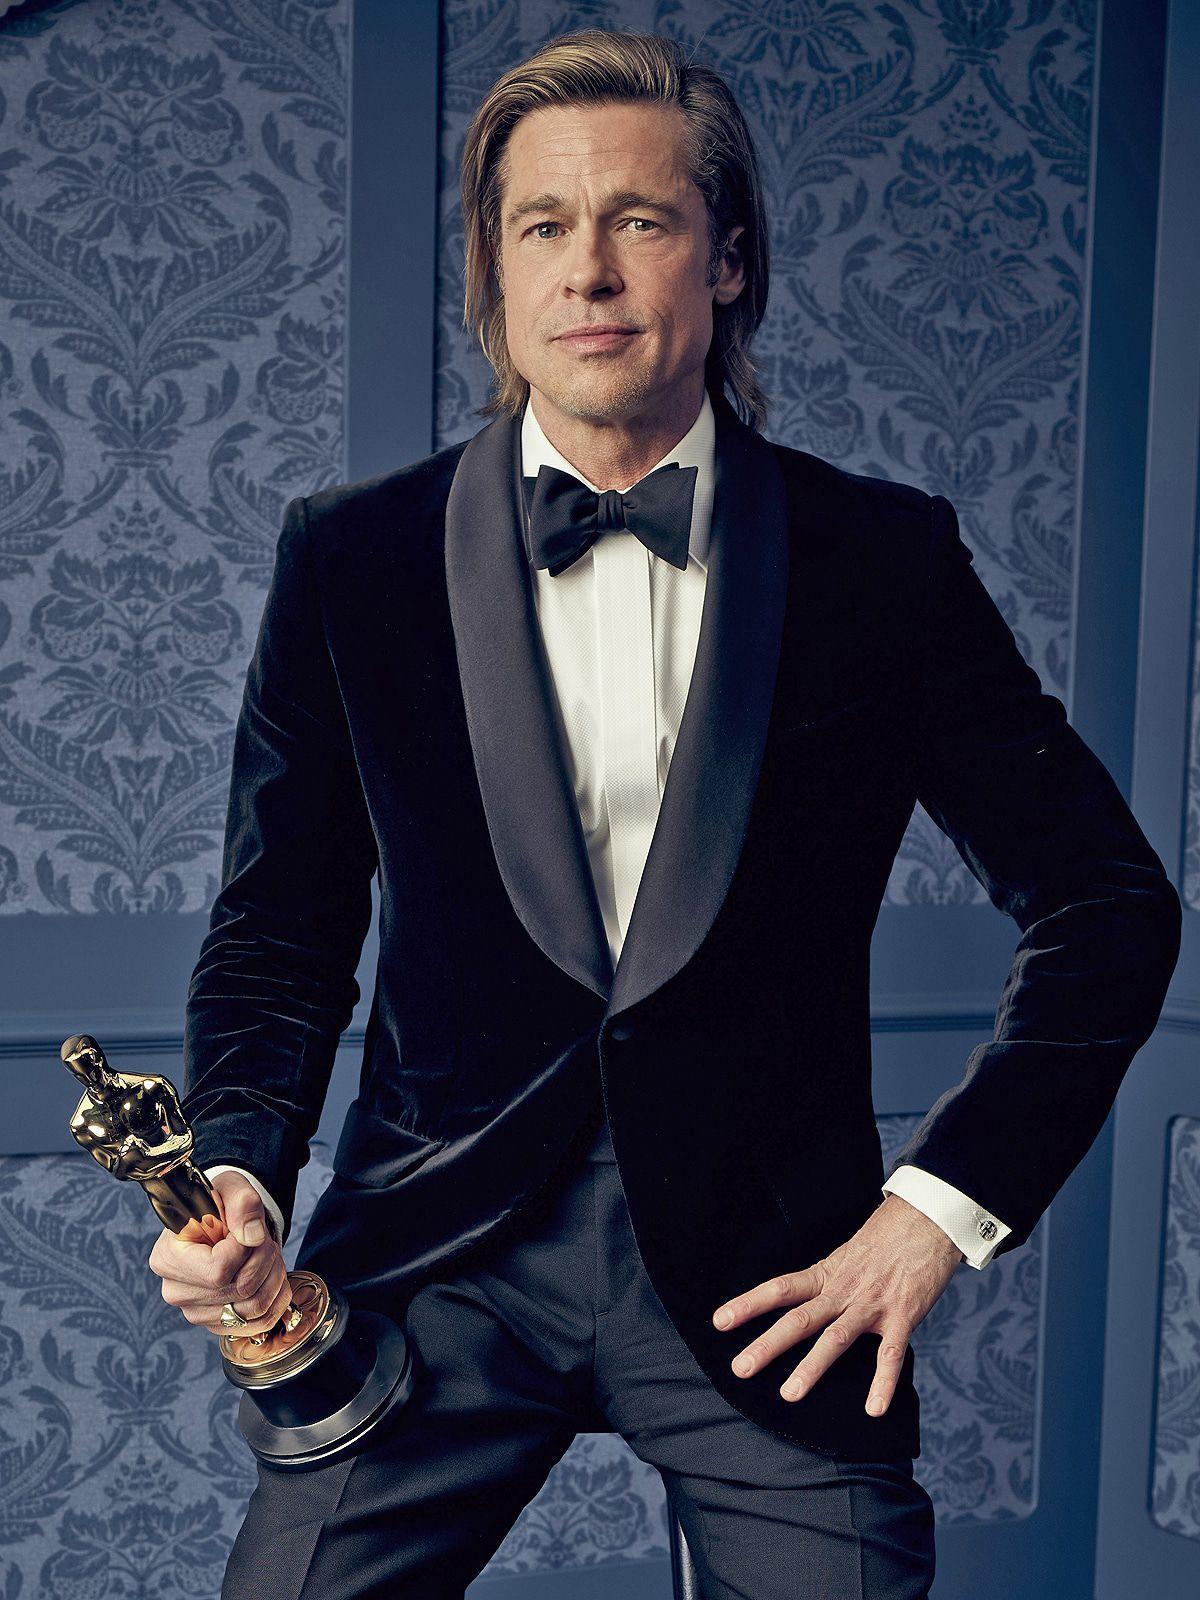 Brad Pitt nach dem Preisregen der letzten Wochen jetzt ganz oben